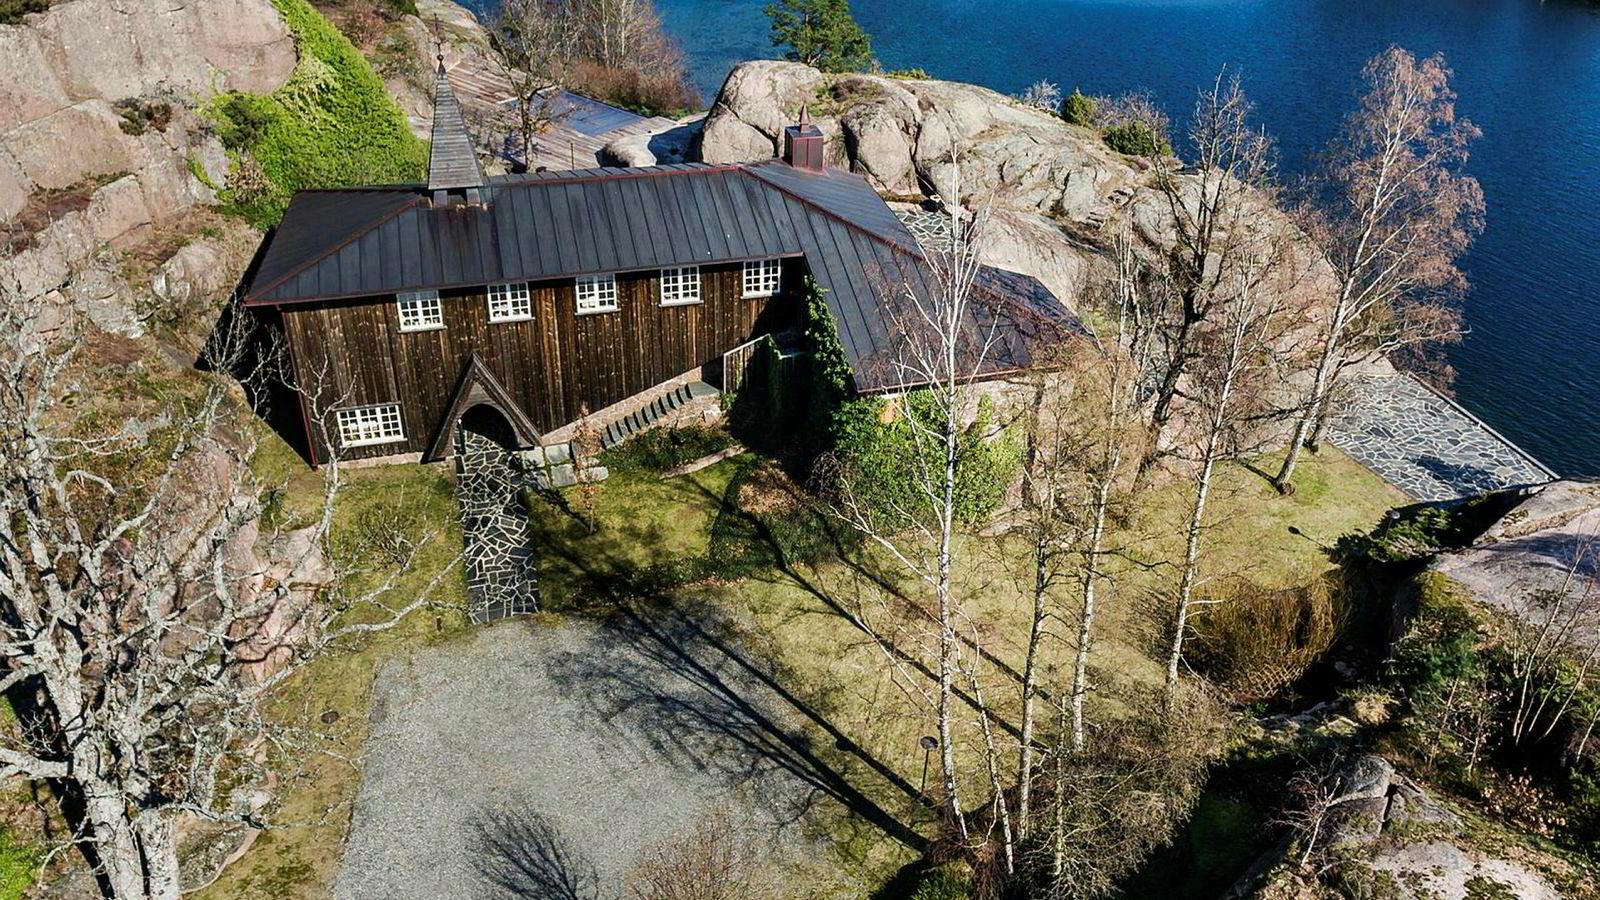 Slotte på Hesnes utenfor Grimstad har fått ny eier. Ellen Kathrine Dyvik ga 18 millioner kroner for eiendommen, som tidligere tilhørte kraft-investor Einar Aas.